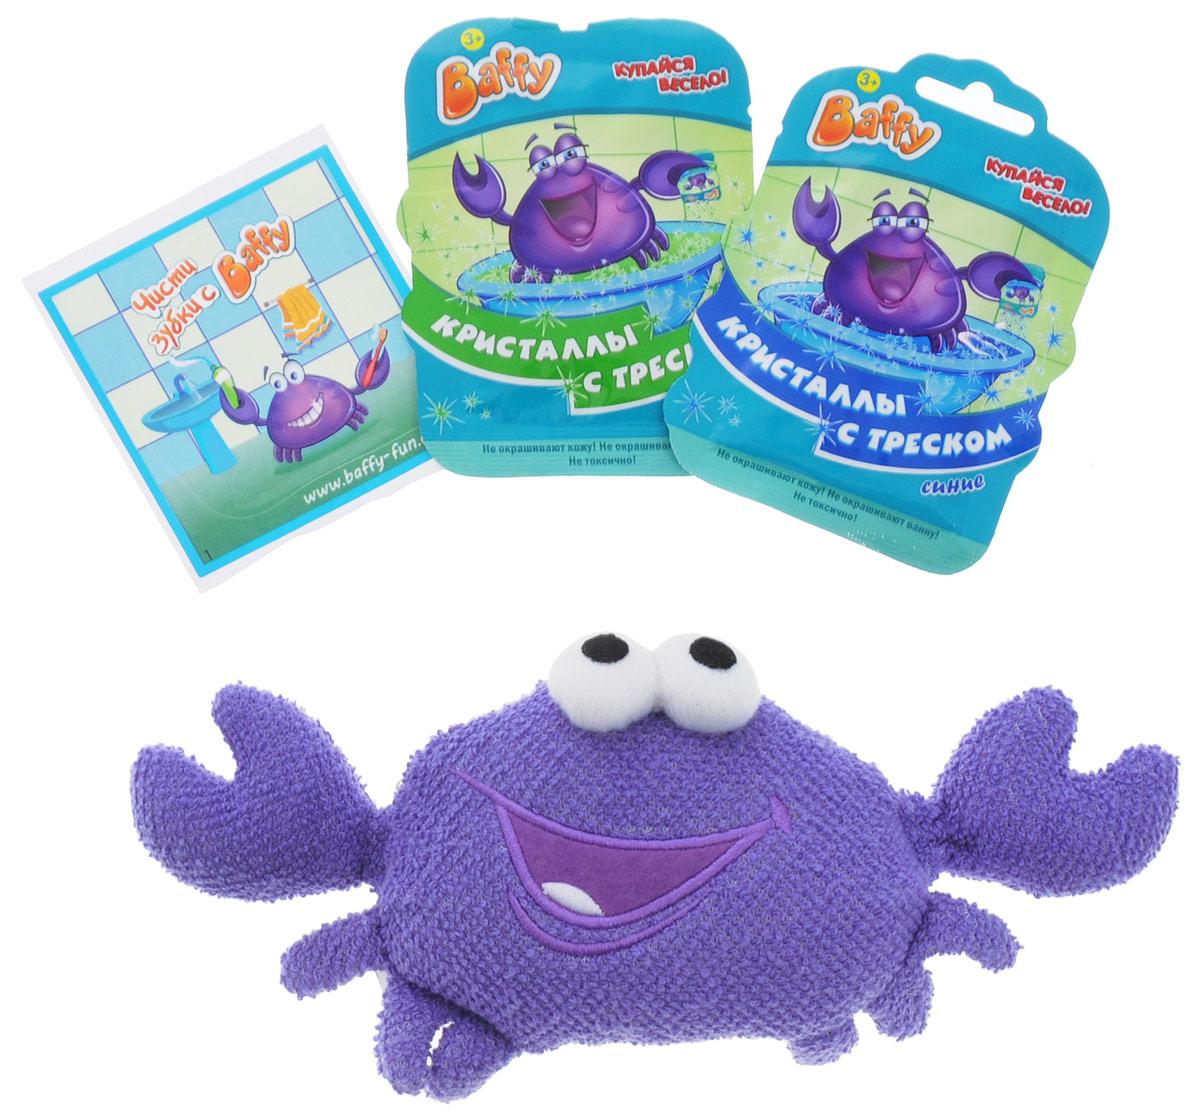 Baffy Набор средств для купания Твой Baffy цвет фиолетовыйD0112_фиолетовыйНабор средств для купания Твой Baffy превратит купание в интересную увлекательную игру с помощью необычной мочалки игрушки Baffy. Мочалка, изготовленная из натуральных, долговечных и нетоксичных материалов, мягко очистит кожу вашего ребенка и станет его любимой игрушкой. А кристаллы с треском, входящие в набор, станут приятным сюрпризом и продлят веселье вашего ребенка в ванной. Теперь ваш ребенок будет играть и купаться в ванне одновременно. Использоваться под наблюдением взрослых. Не использовать в пищевых целях. Хранить в недоступном для детей месте.